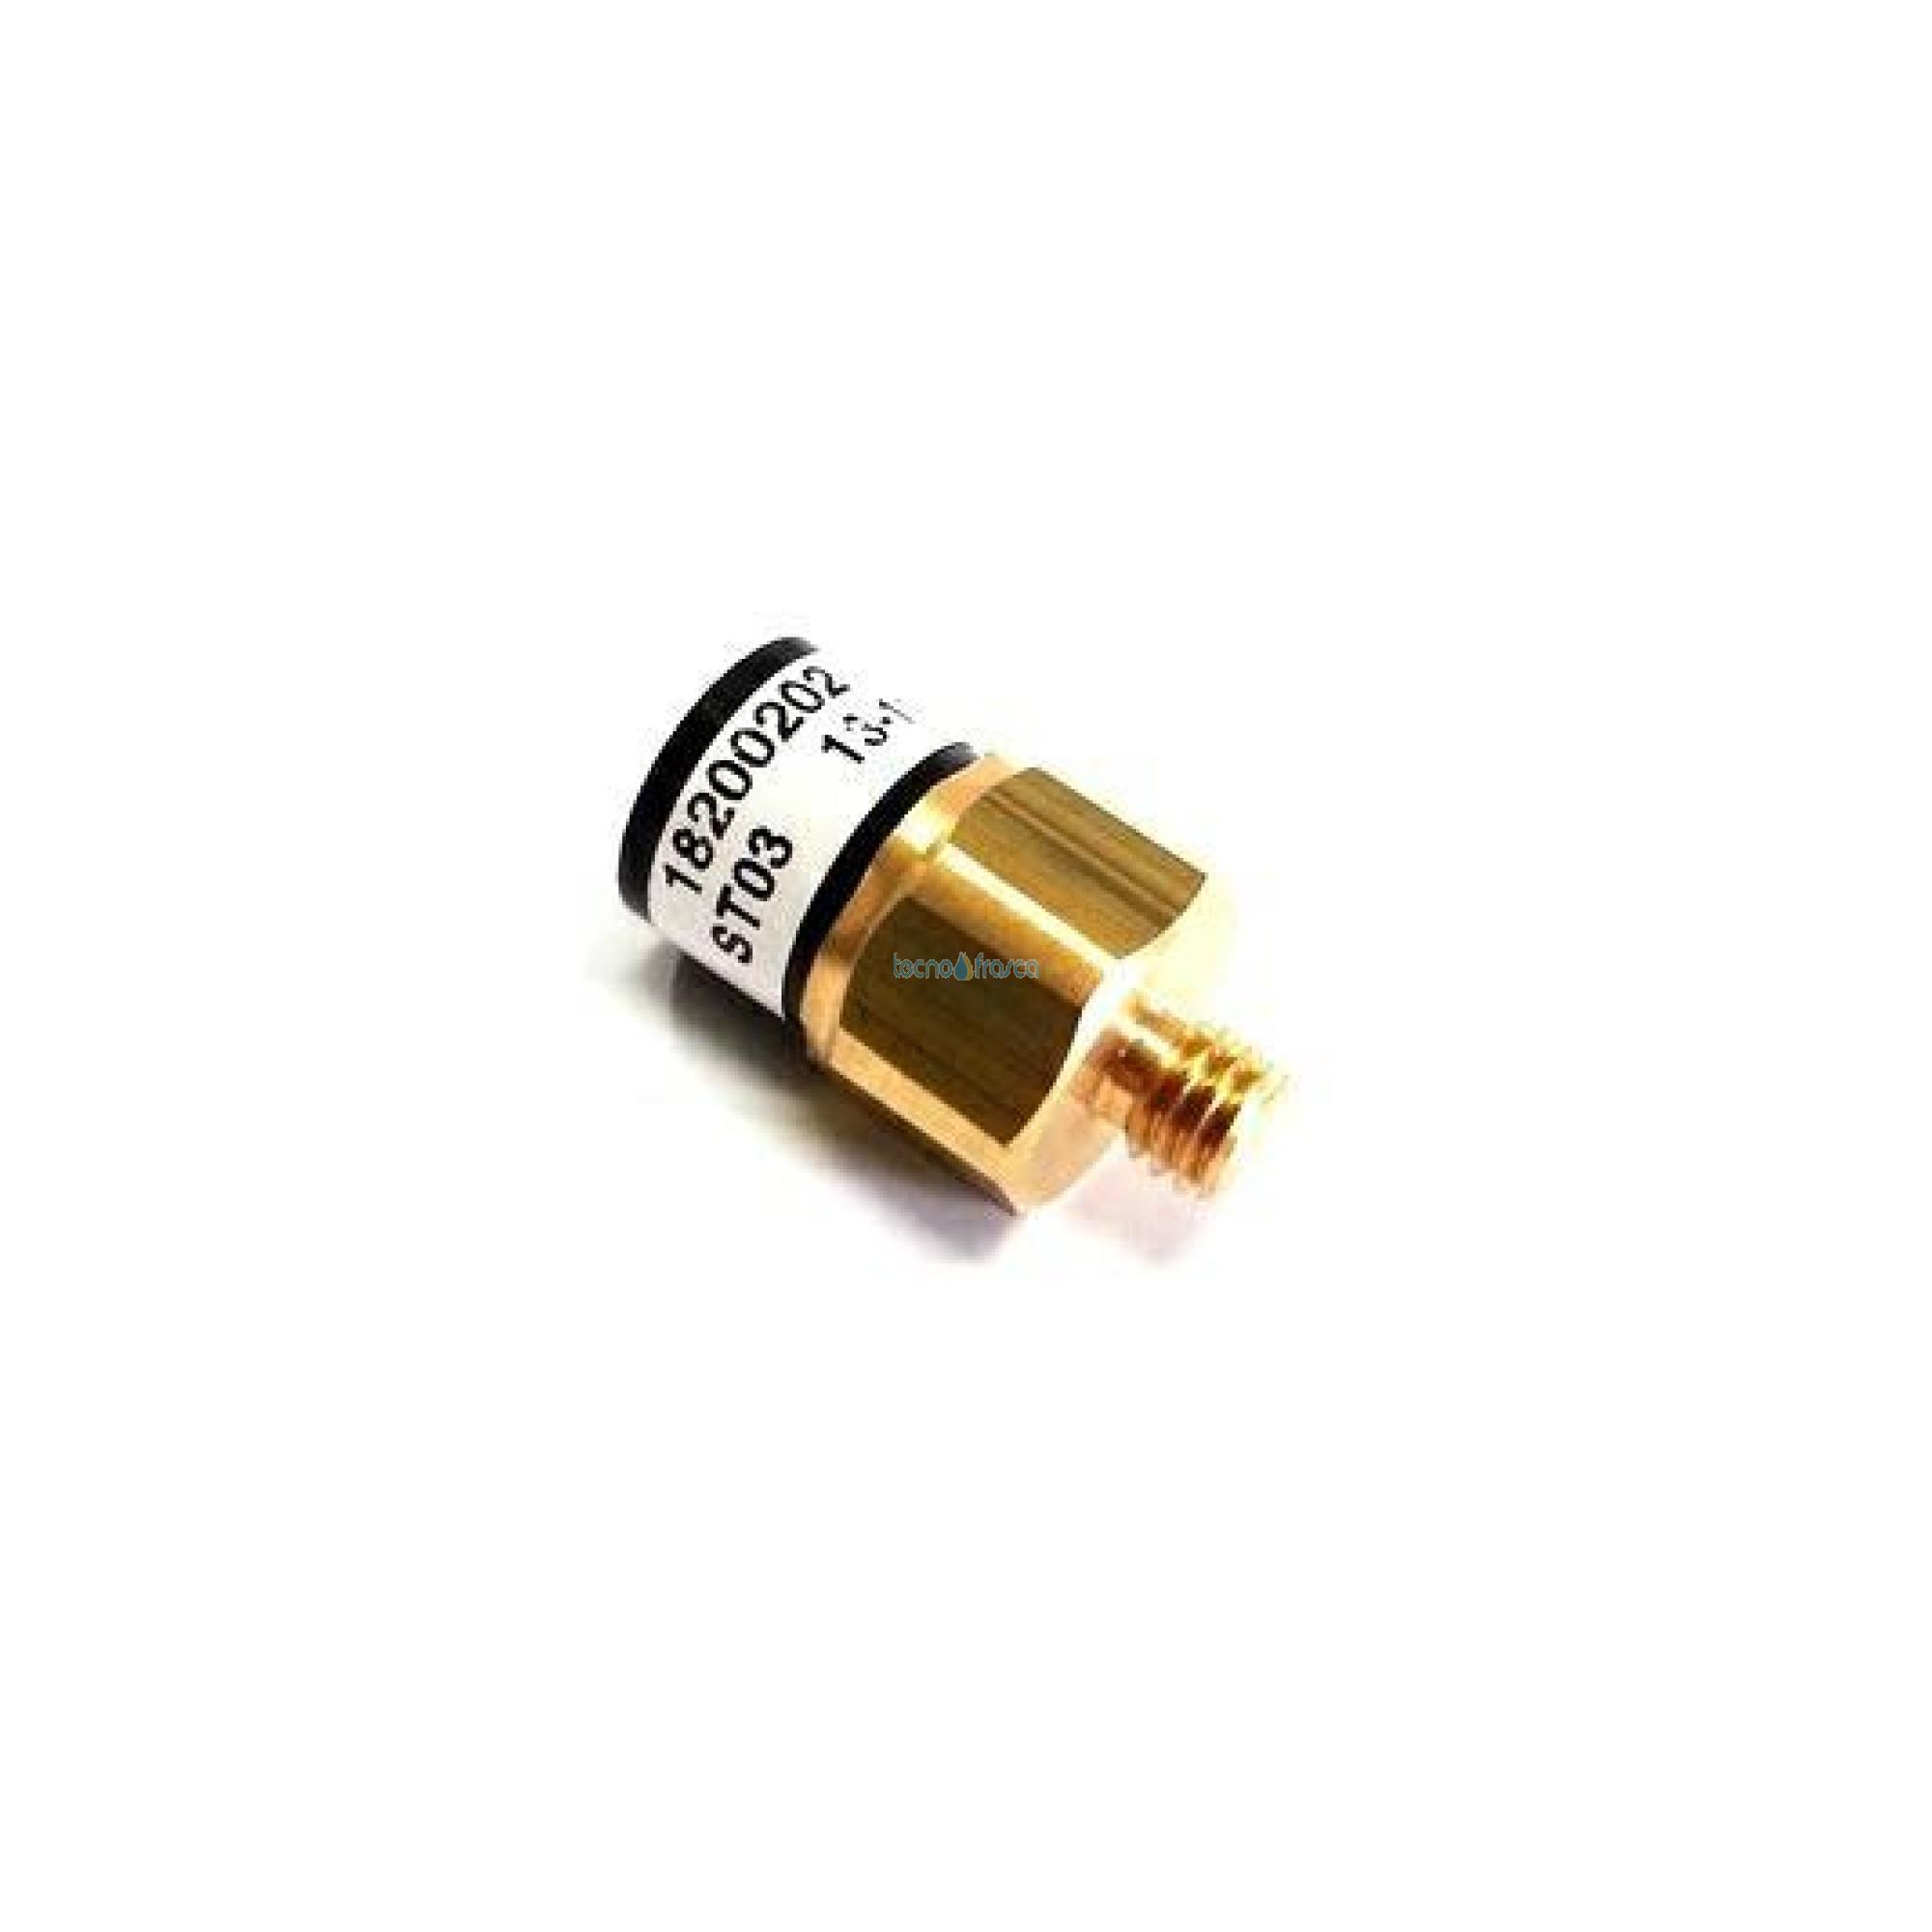 Beretta sonda Ntc R7236